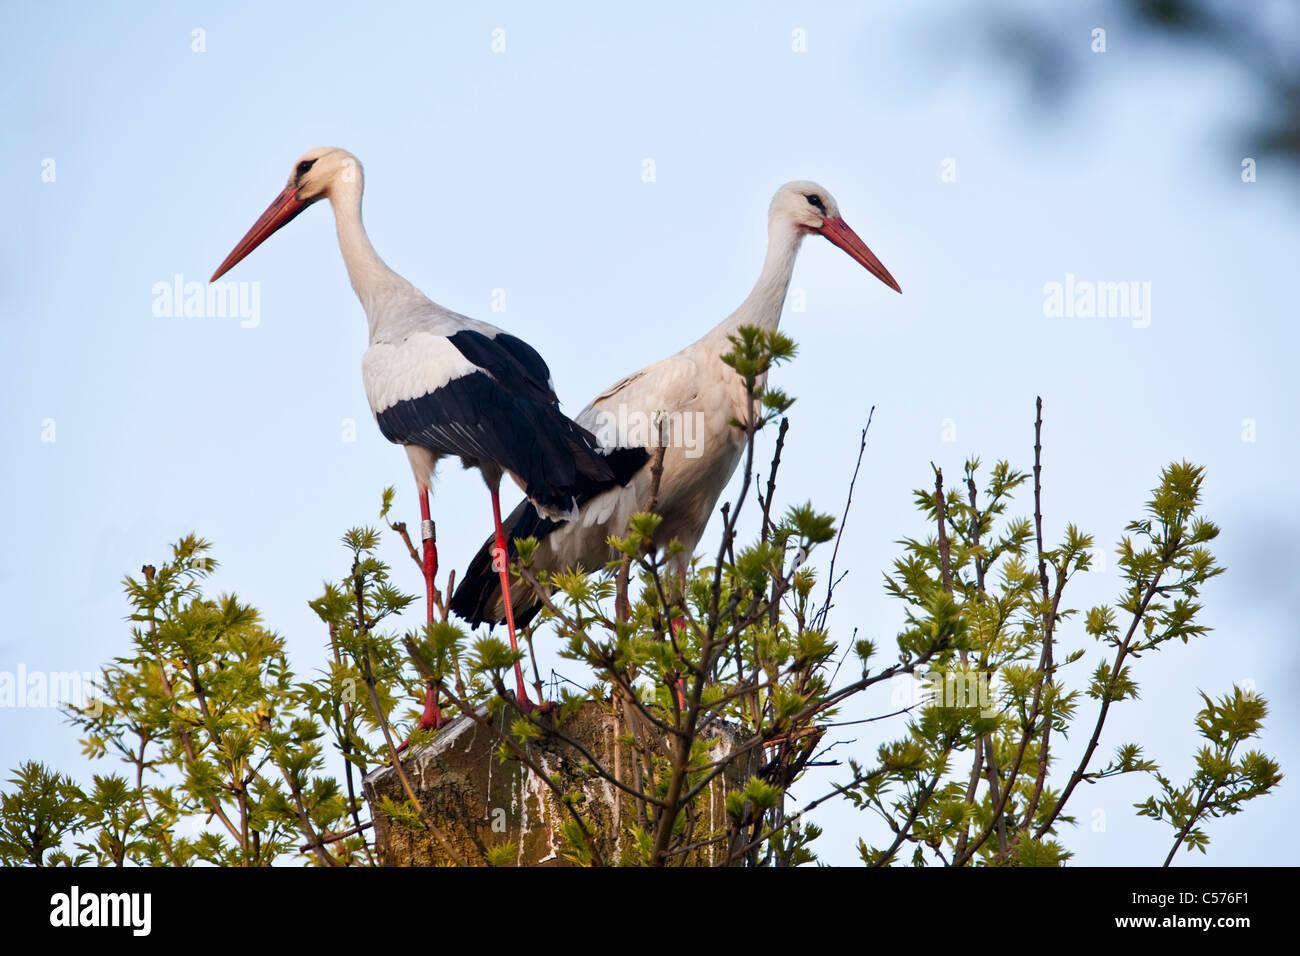 The Netherlands, Jonen, Storks on expected nest. Stock Photo